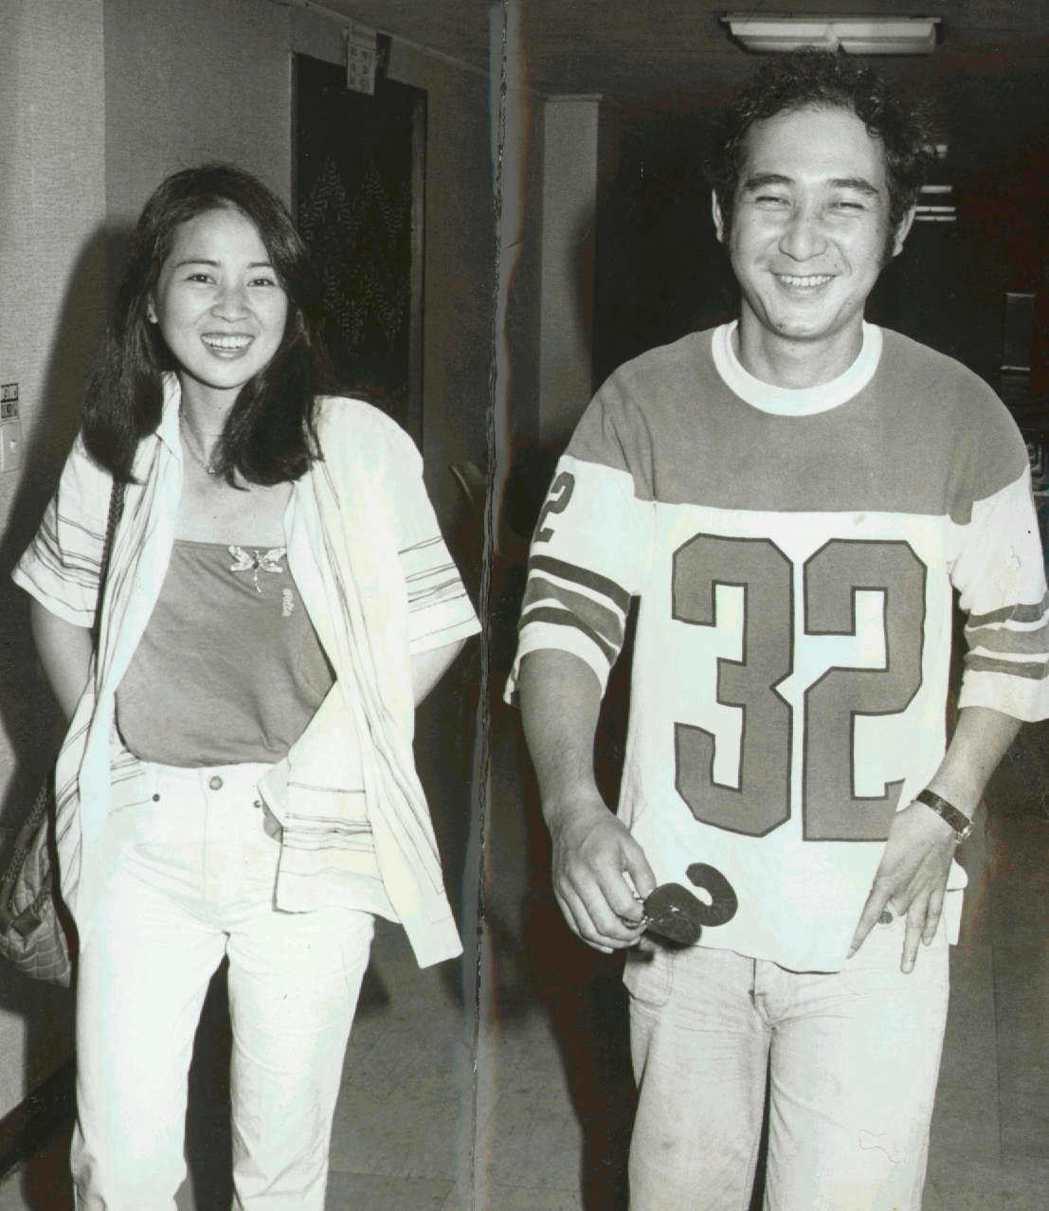 林鳳嬌和鍾世驊絕少被拍到合照,這一次之後戀情變得公開。圖/報系資料照片